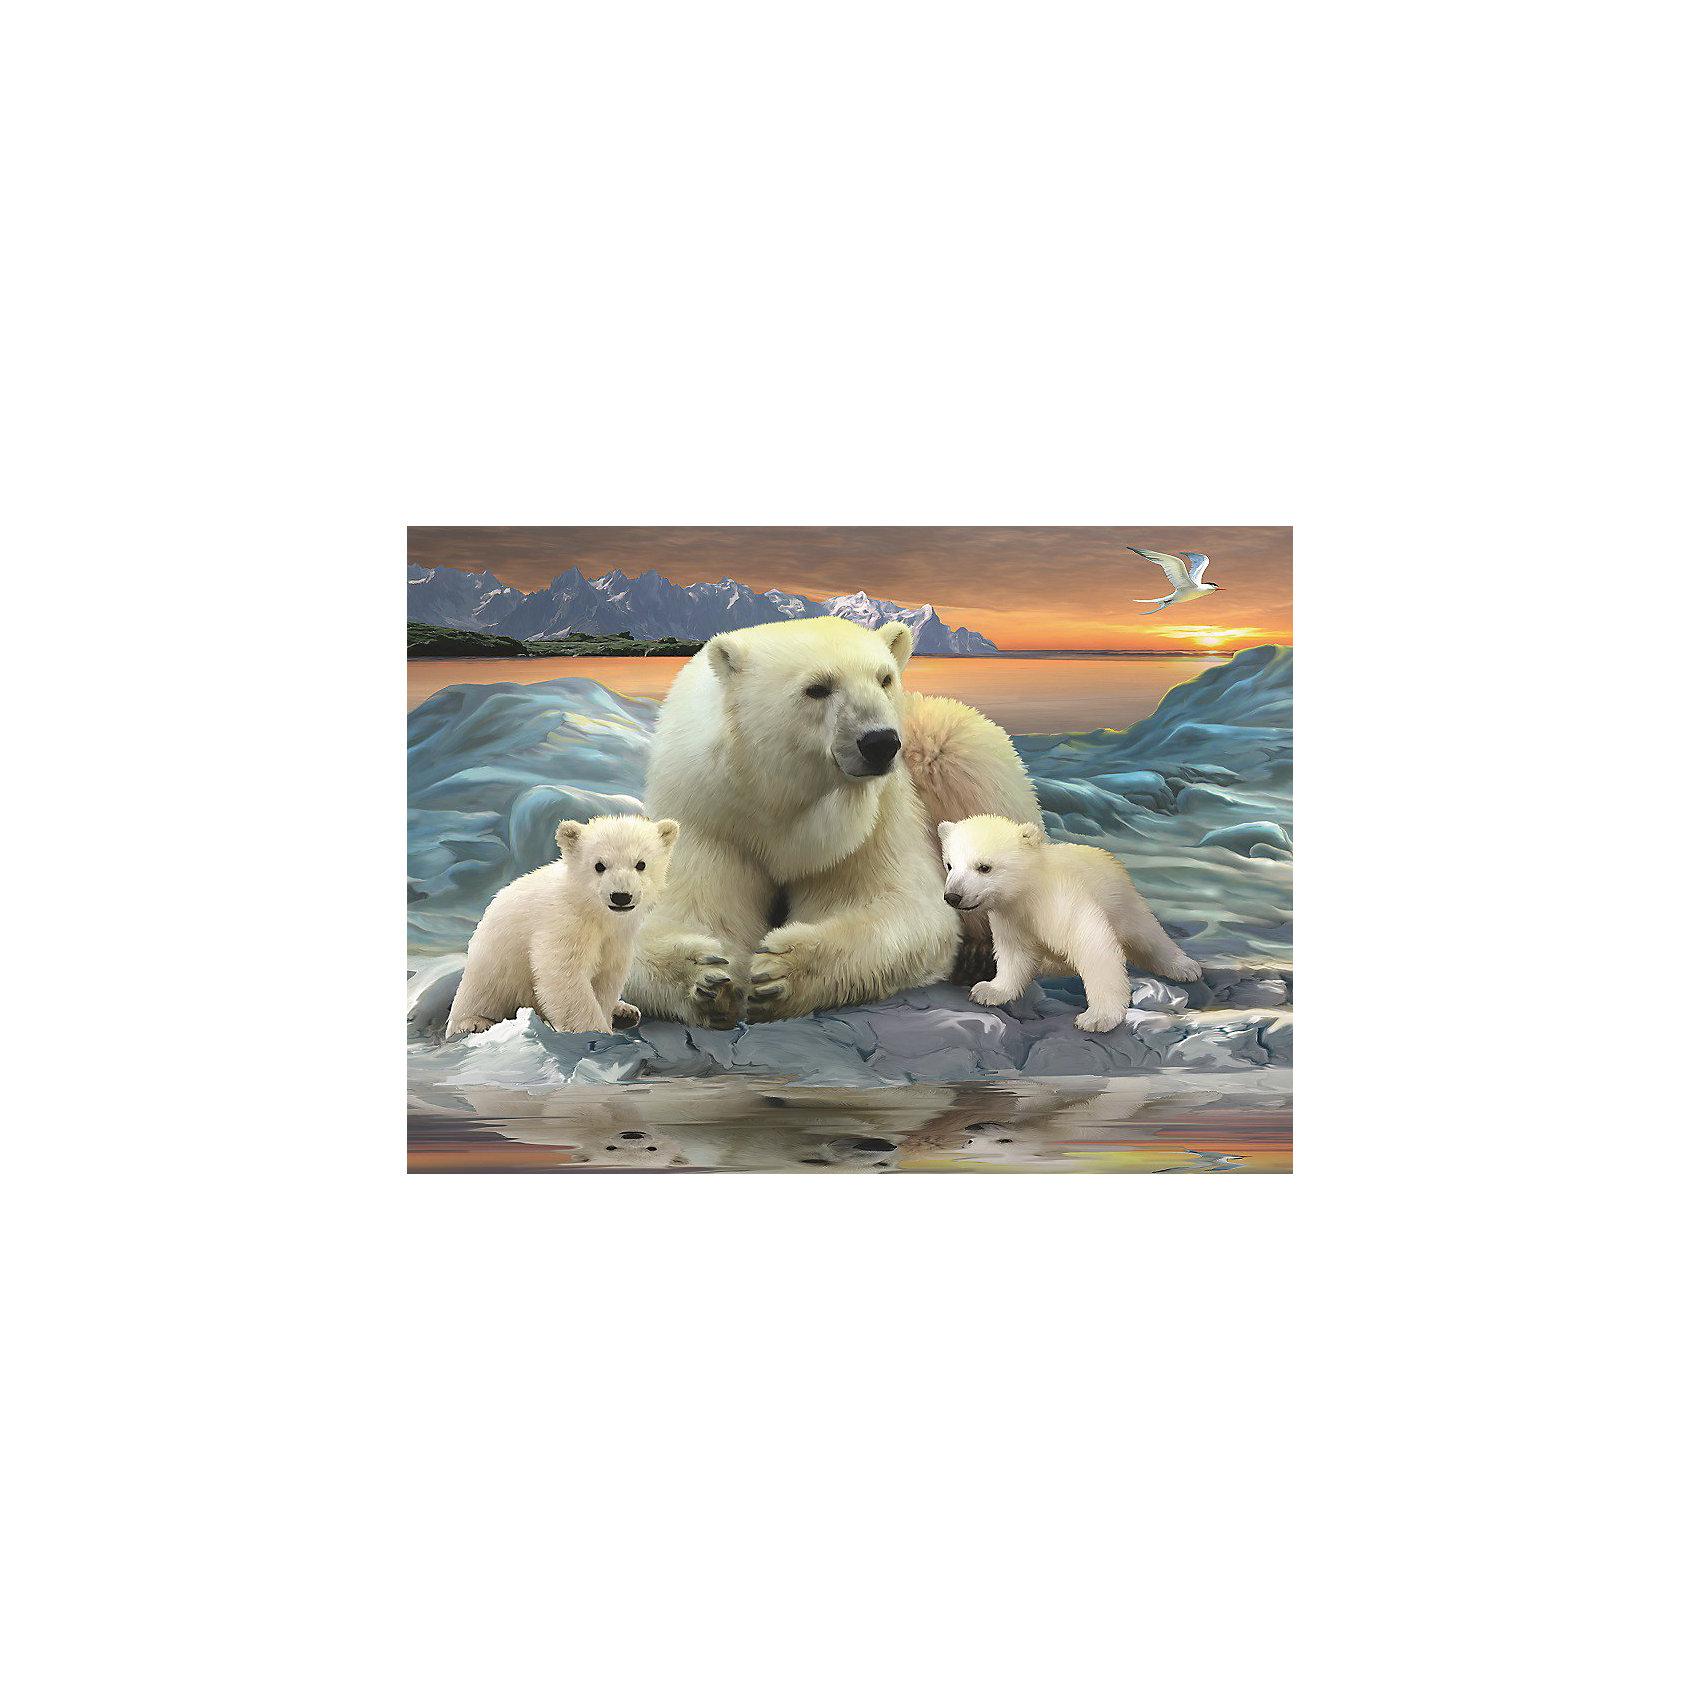 Пазл «Полярные медведи» XXL 200 деталей, RavensburgerКлассические пазлы<br>Пазл «Полярные медведи» XXL 200 деталей, Ravensburger (Равенсбургер) – это великолепный подарок, как для ребенка, так и для взрослого.<br>Пазл Ravensburger Полярные медведи, без сомнения, придется по душе вашему ребенку. Собрав этот пазл, он получит великолепную картину с изображением белых медведей. Собирая картинку, ребенок развивает логическое мышление, воображение, мелкую моторику и умение принимать самостоятельные решения. Пазлы Ravensburger неповторимы и уникальны тем, что для их изготовления используется картон наивысшего класса, благодаря которому сложенные головоломки не сгибаются, сам картон не отделяется от картинки, а сложенная картинка представляется абсолютно плоской и не деформируется даже спустя время. Прочные детали не ломаются. Каждая деталь имеет свою форму и подходит только на своё место. Матовая поверхность исключает неприятные отблески. Изготовлено из экологического сырья.<br><br>Дополнительная информация:<br><br>- Количество деталей: 200<br>- Размер картинки: 36х49 см.<br>- Материал: прочный картон<br>- Размер коробки: 34 x 4 x 23 см.<br><br>Пазл «Полярные медведи» XXL 200 деталей, Ravensburger (Равенсбургер) можно купить в нашем интернет-магазине.<br><br>Ширина мм: 340<br>Глубина мм: 40<br>Высота мм: 230<br>Вес г: 571<br>Возраст от месяцев: 96<br>Возраст до месяцев: 168<br>Пол: Унисекс<br>Возраст: Детский<br>Количество деталей: 200<br>SKU: 3894981